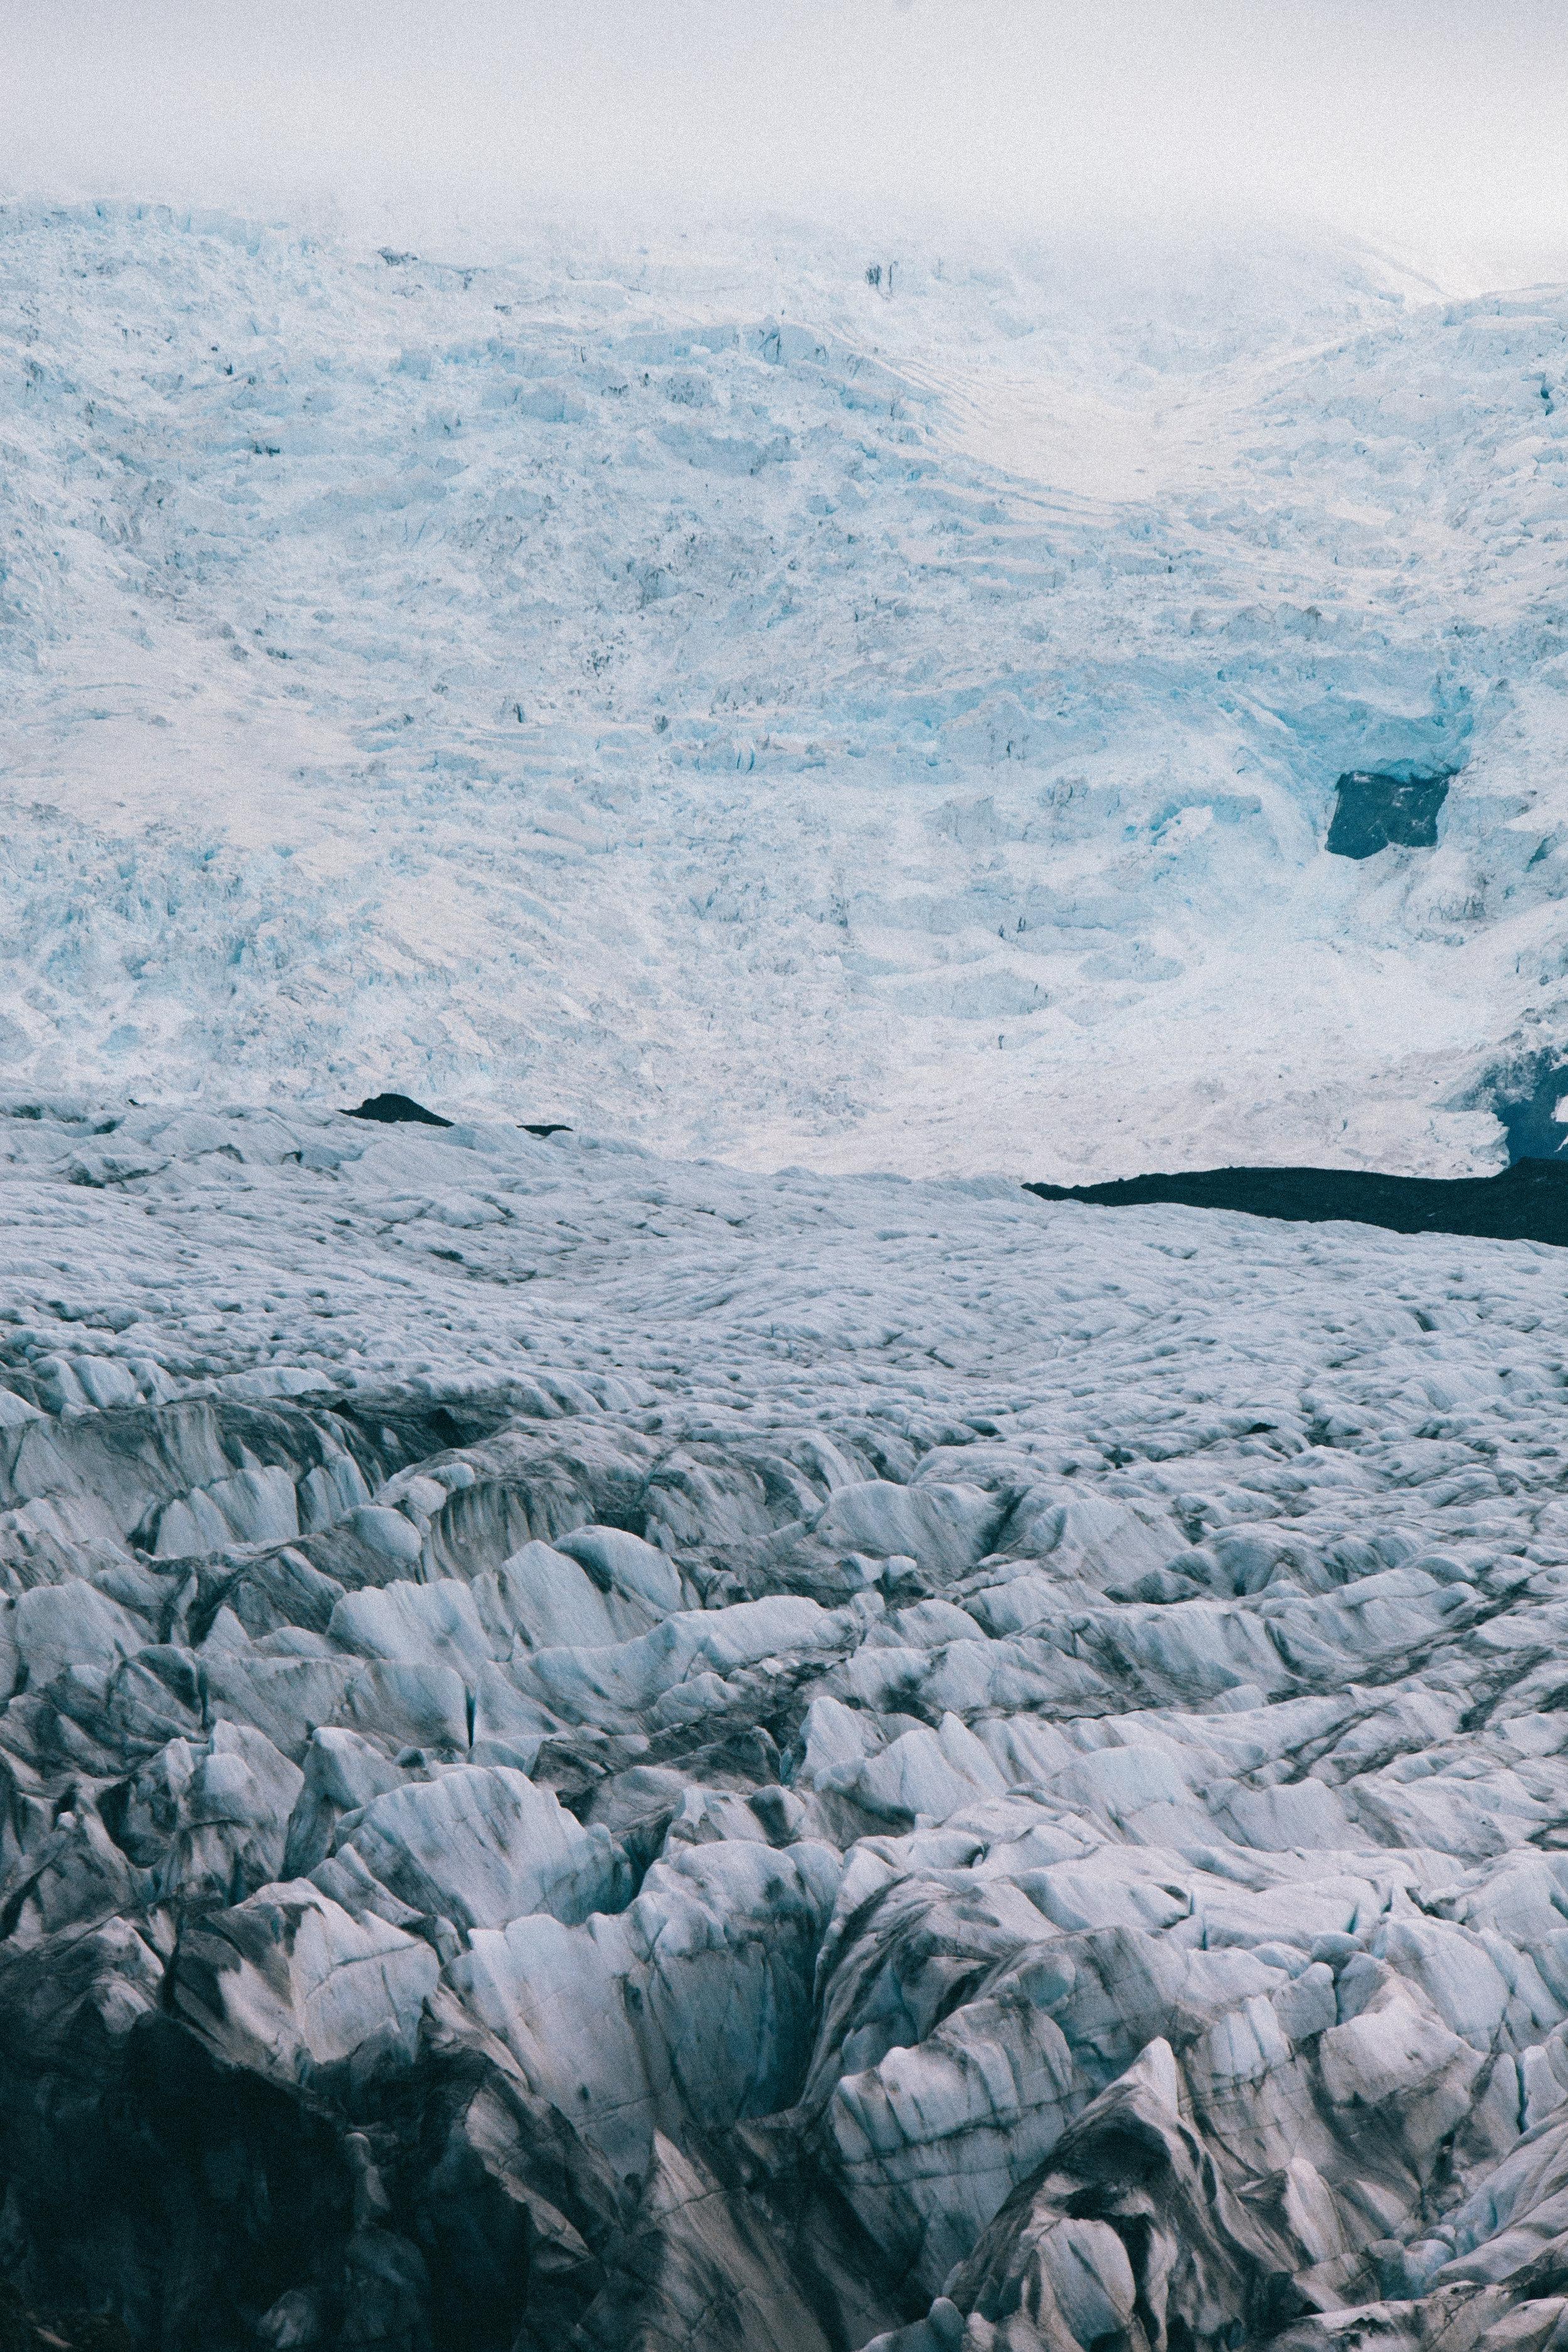 glacier-8038.jpg